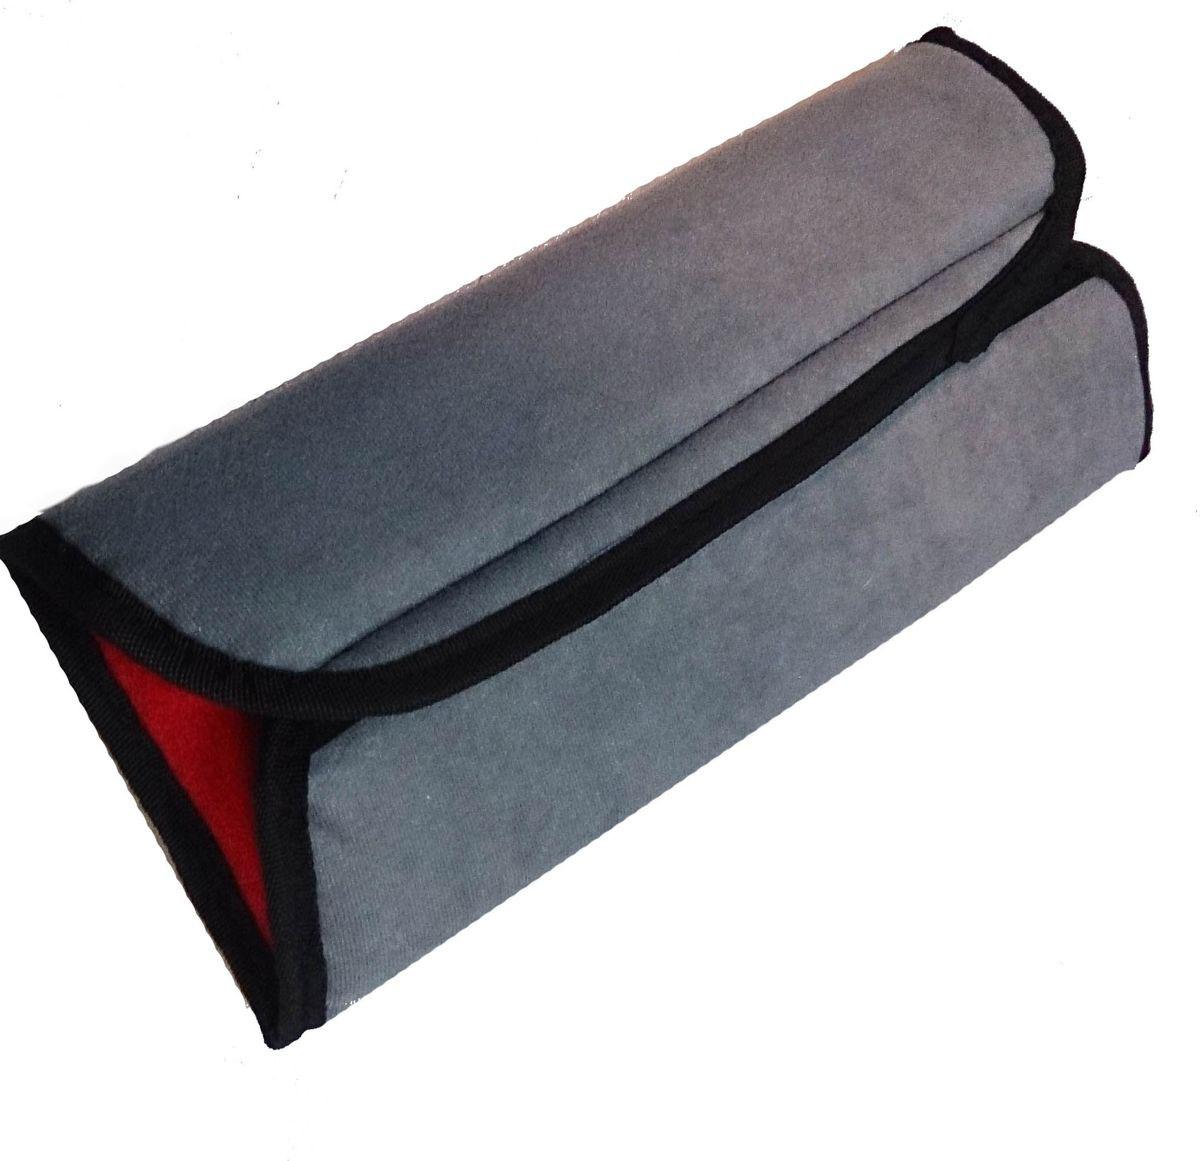 Накладка-подушка на ремень безопасности двухсторонняя Auto Premium, цвет: серый, красный. 7715877158Накладка-подушка на ремень безопасности Auto Premium выполнена из мягкого велюра с легкой фиксацией на липучке. Прекрасно подходит не только для длительных переездов, а также будет незаменима для комфортного сна.